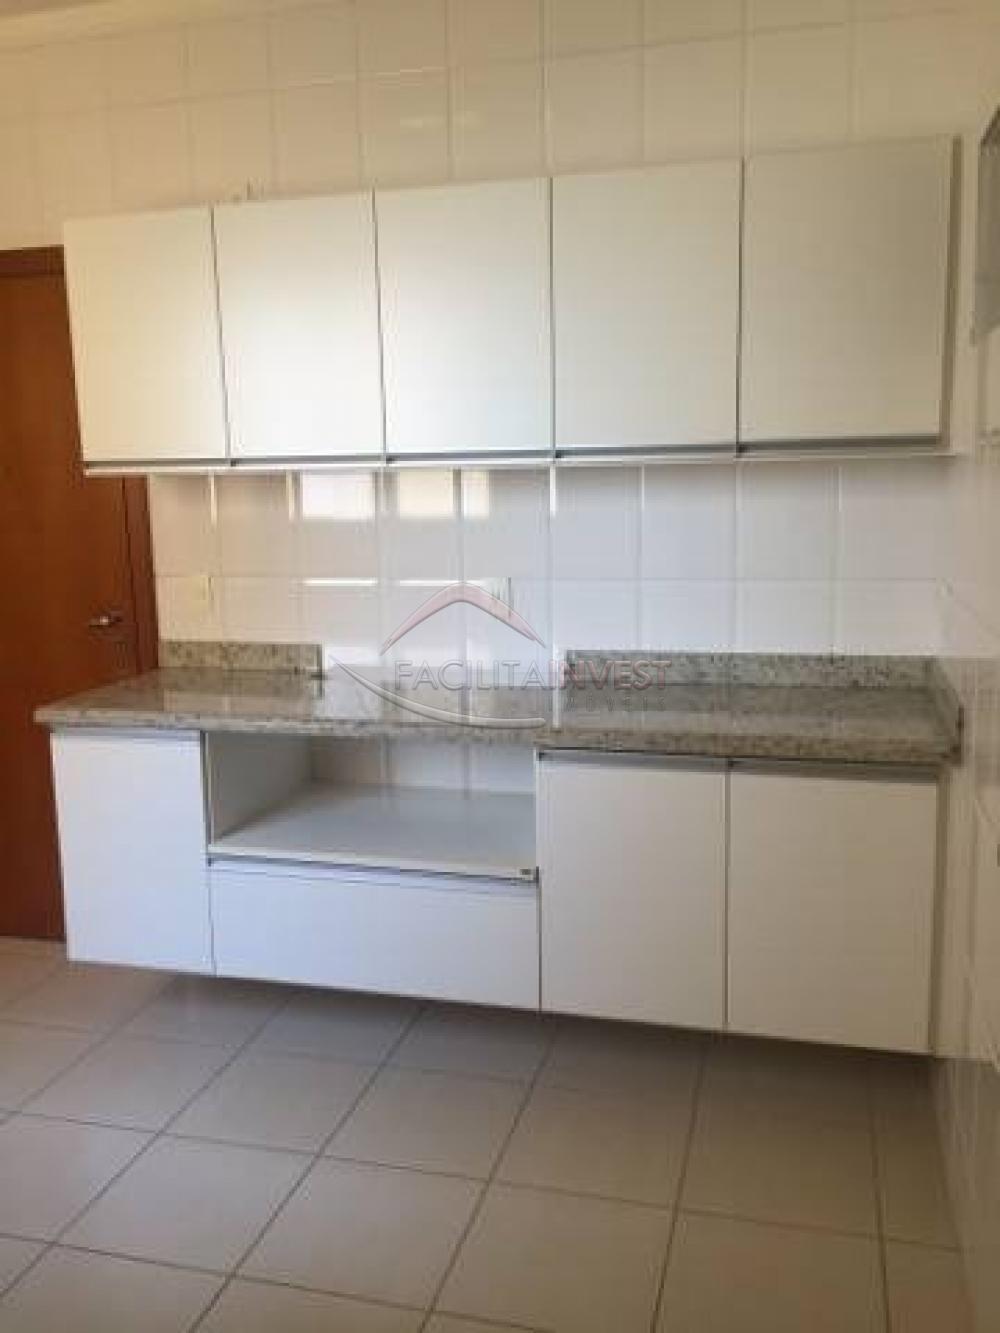 Comprar Apartamentos / Apart. Padrão em Ribeirão Preto apenas R$ 800.000,00 - Foto 33